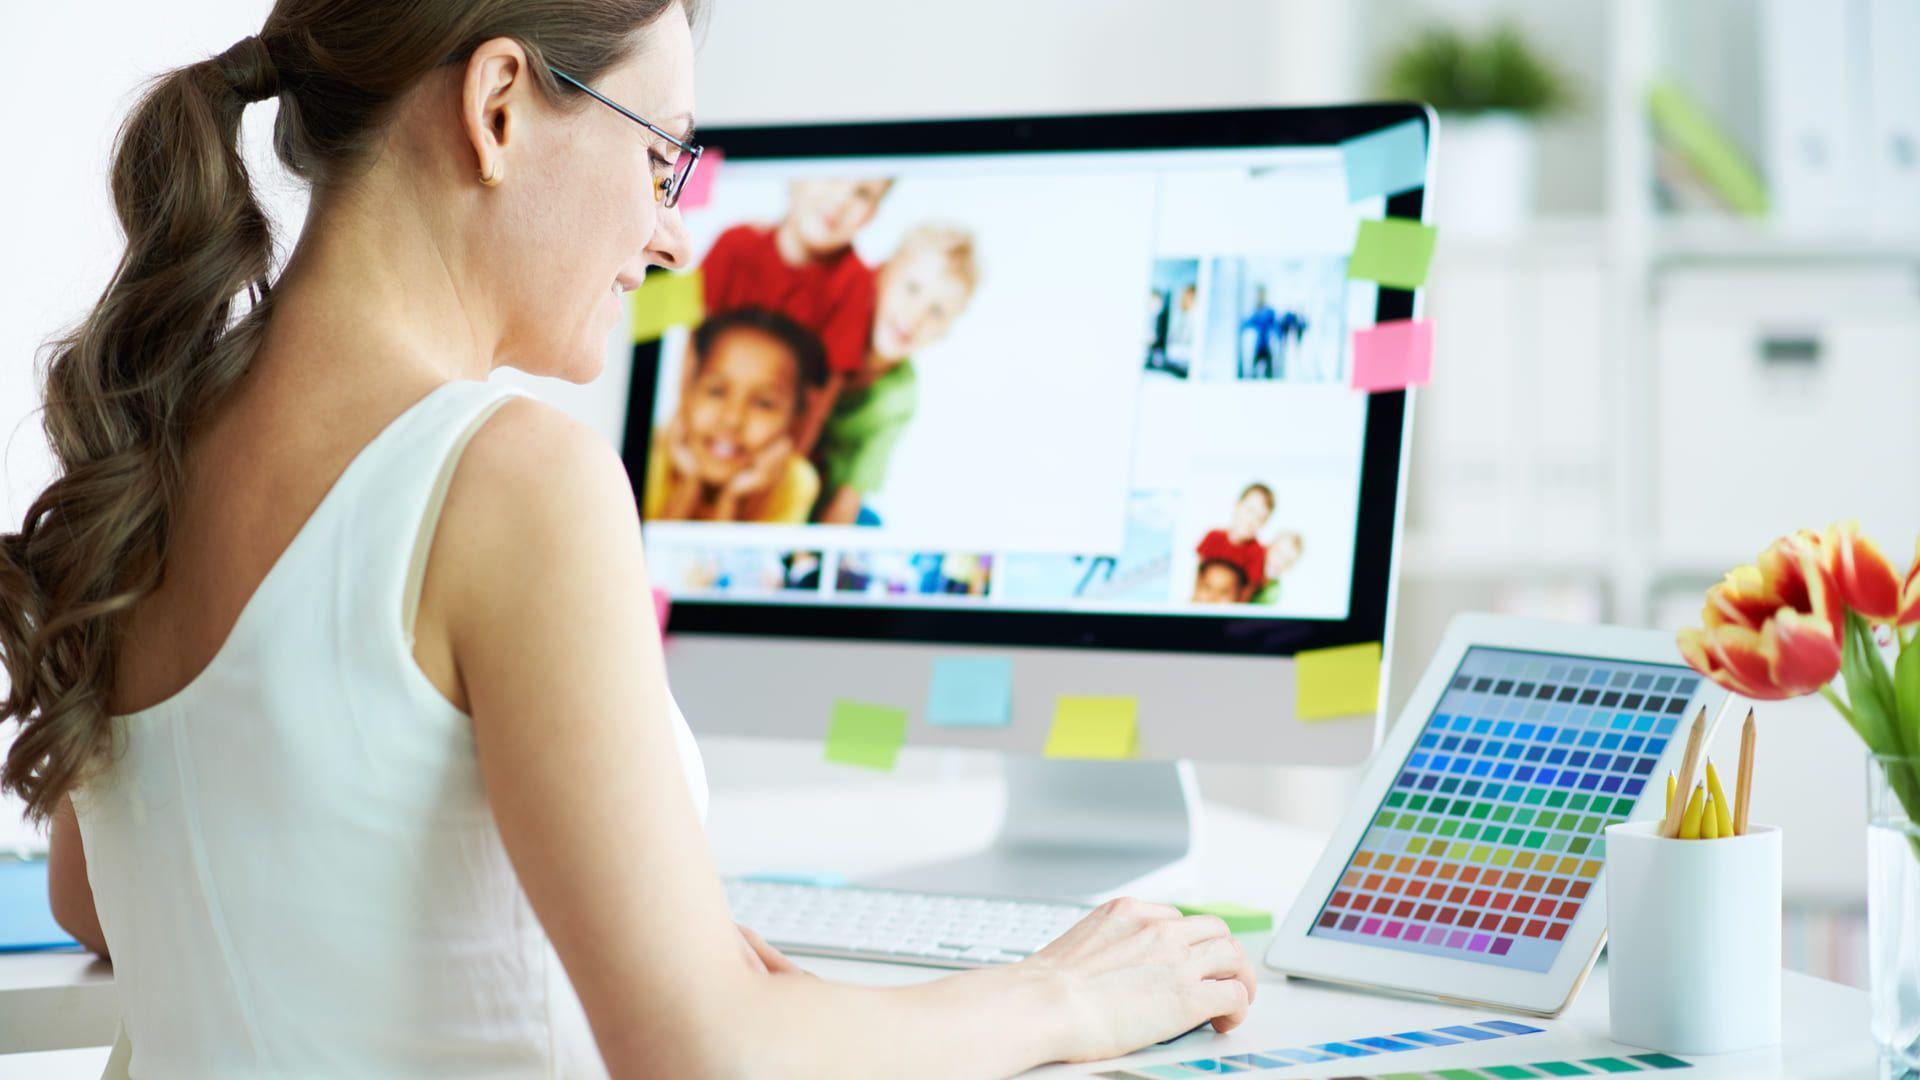 Mulher branca em escritório com monitor em frente, mas olhando para um tablet exibindo paleta de cores ao lado